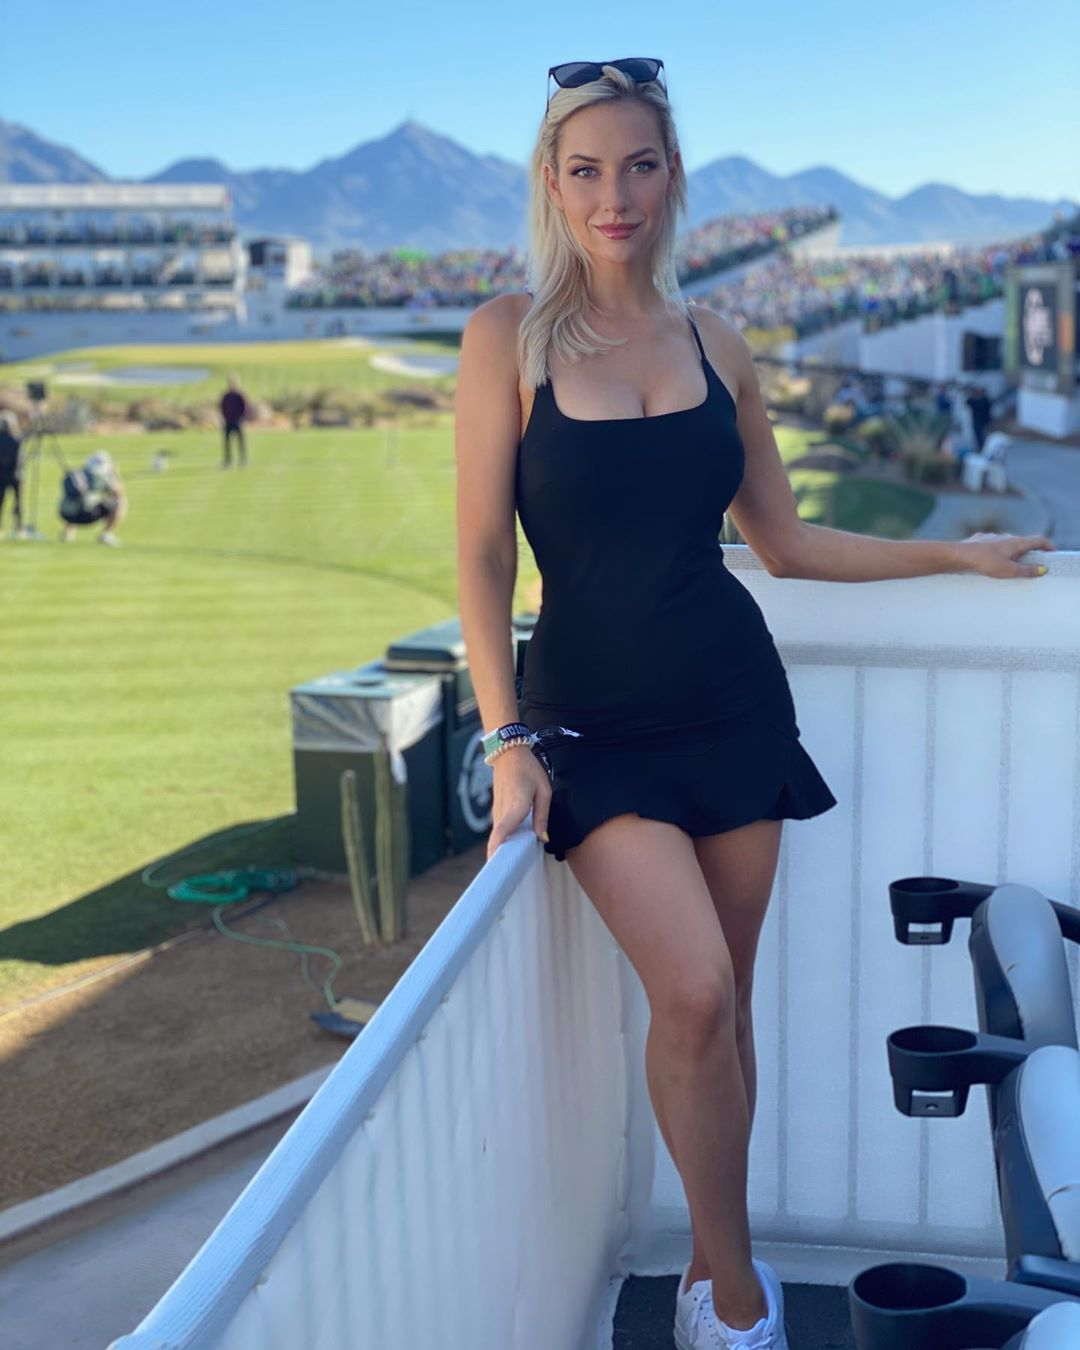 Найкрасивіша гольфістка світу виступає на турнірах без білизни